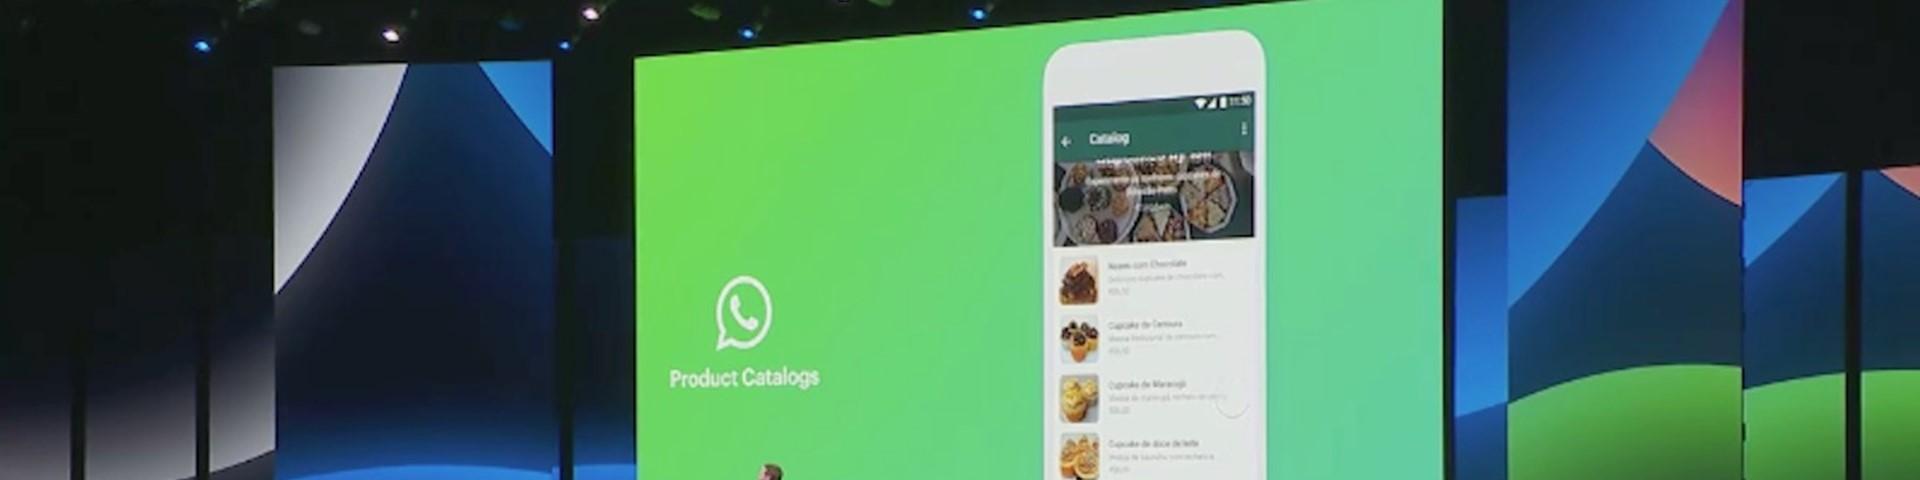 WhatsApp se transforma em plataforma de pagamento e e-commerce